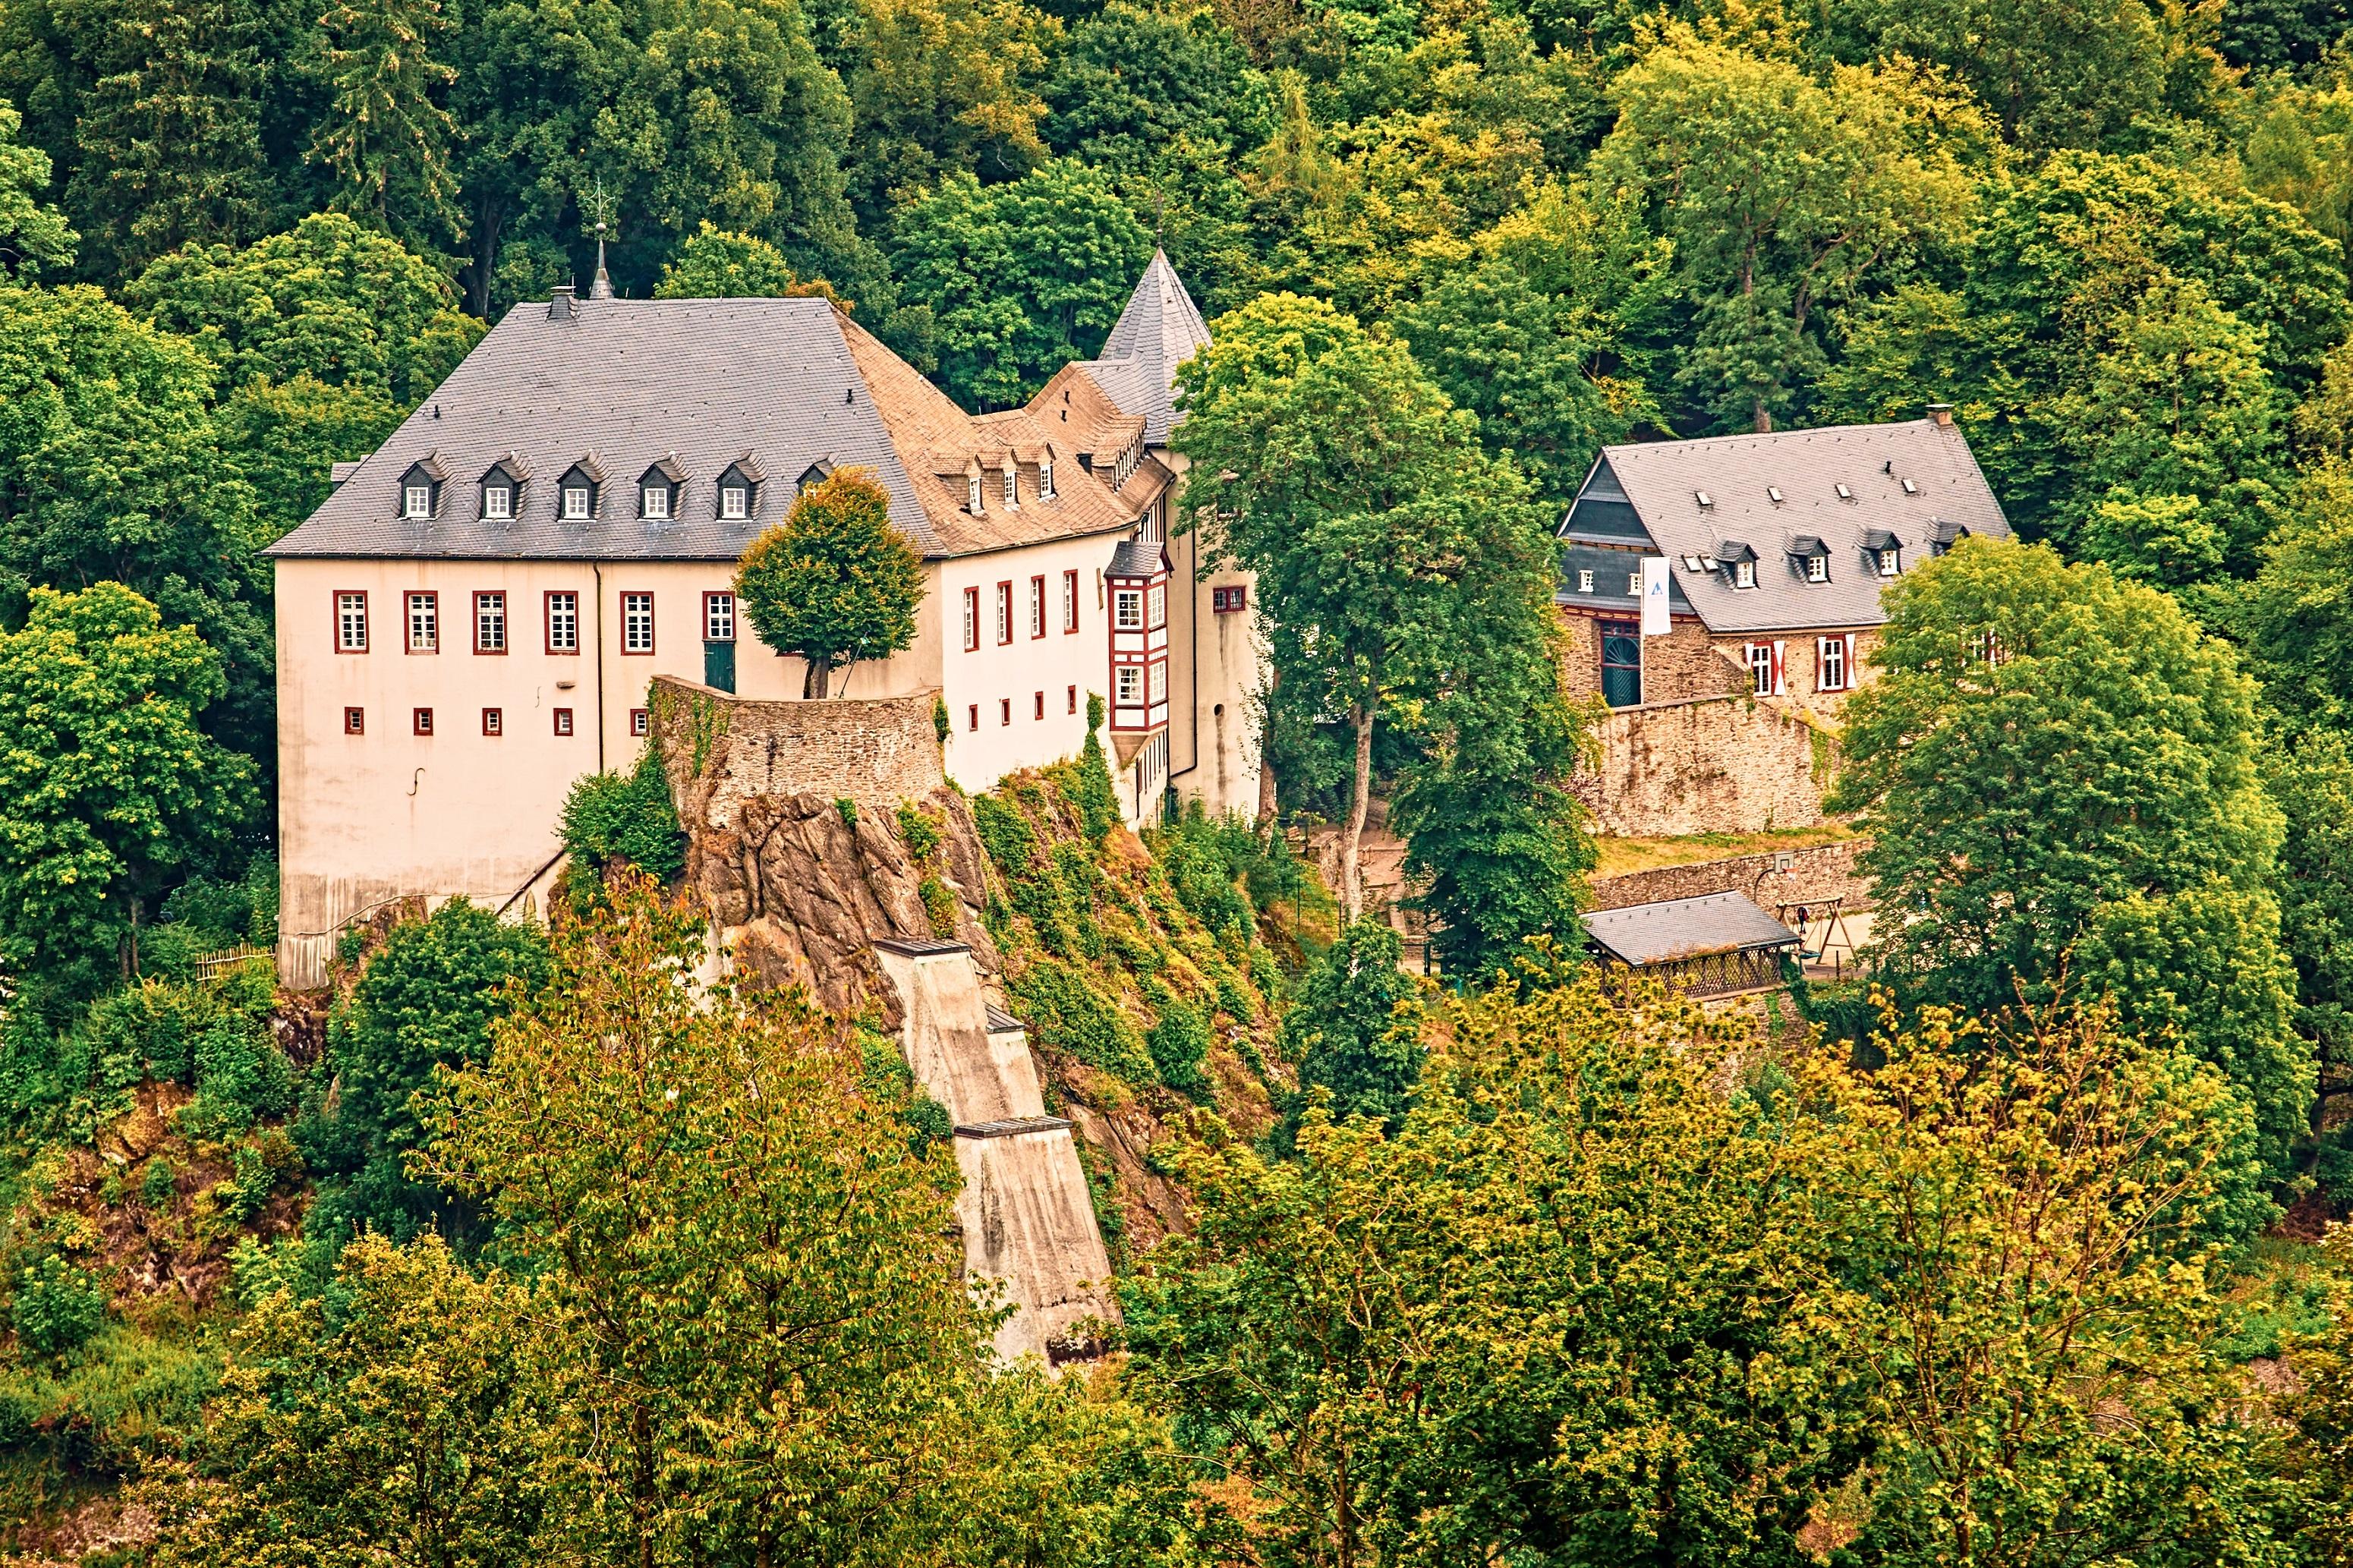 LARP Location: Jugendherberge Burg Bilstein